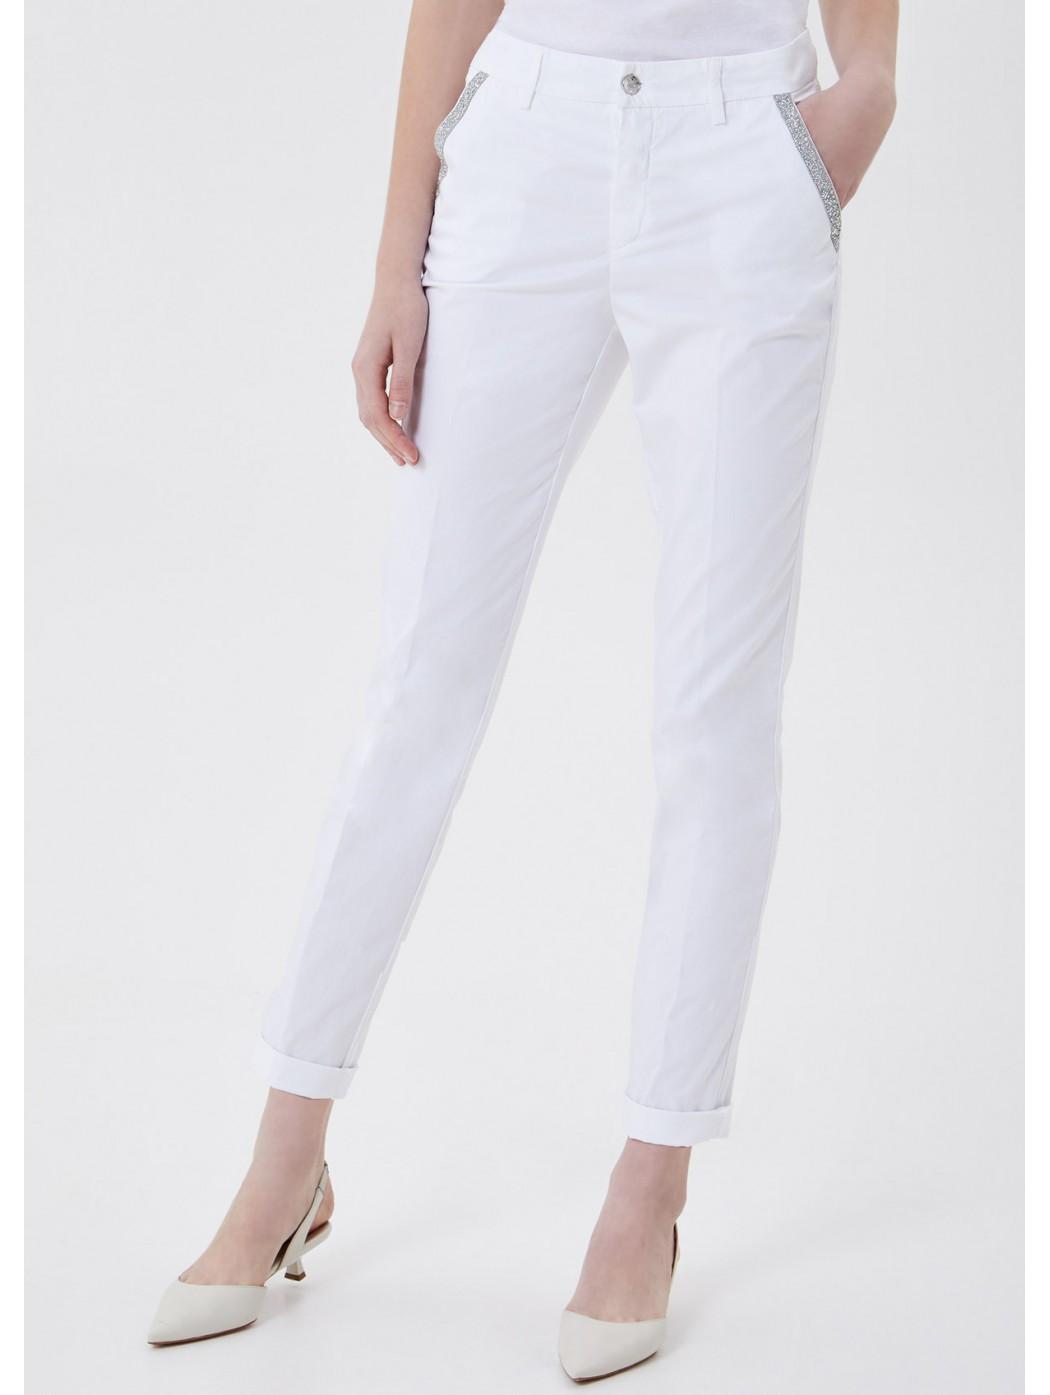 Pantalone chino con applicazioni LIUJO JEANS CORE WA1231T4810 11111